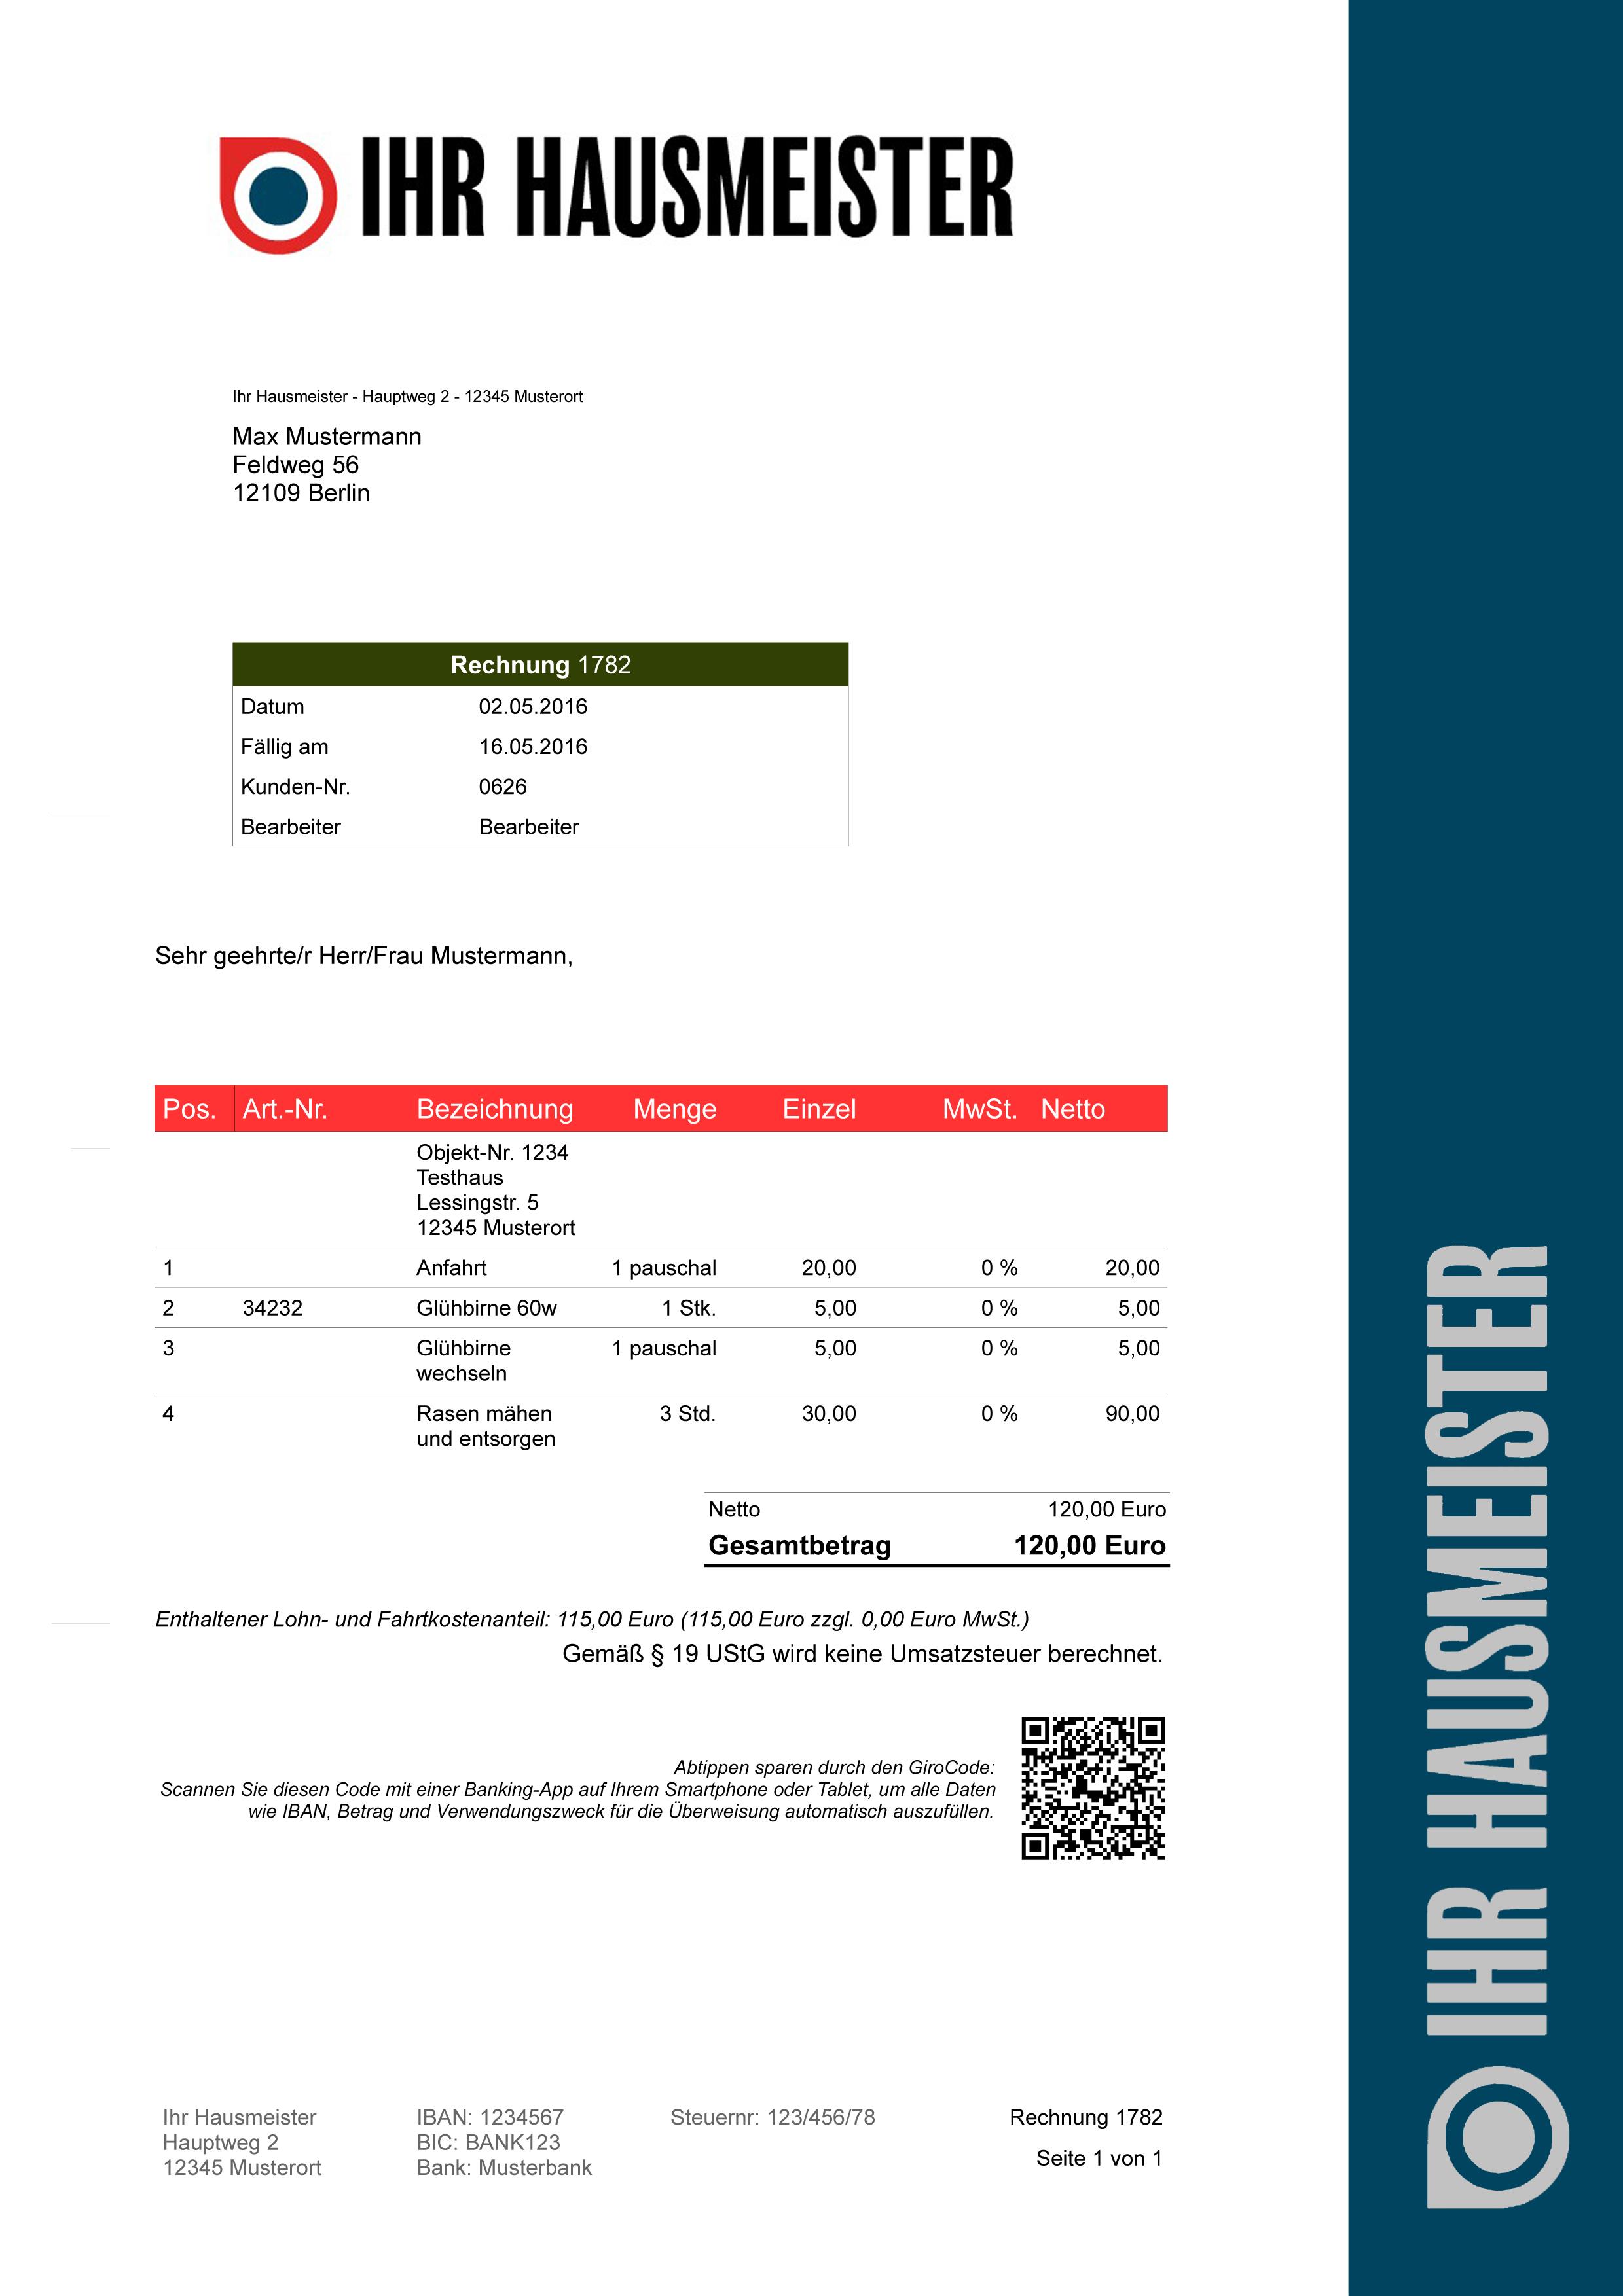 Softwareprogramme24 Hausmeister Rechnungsprogramm